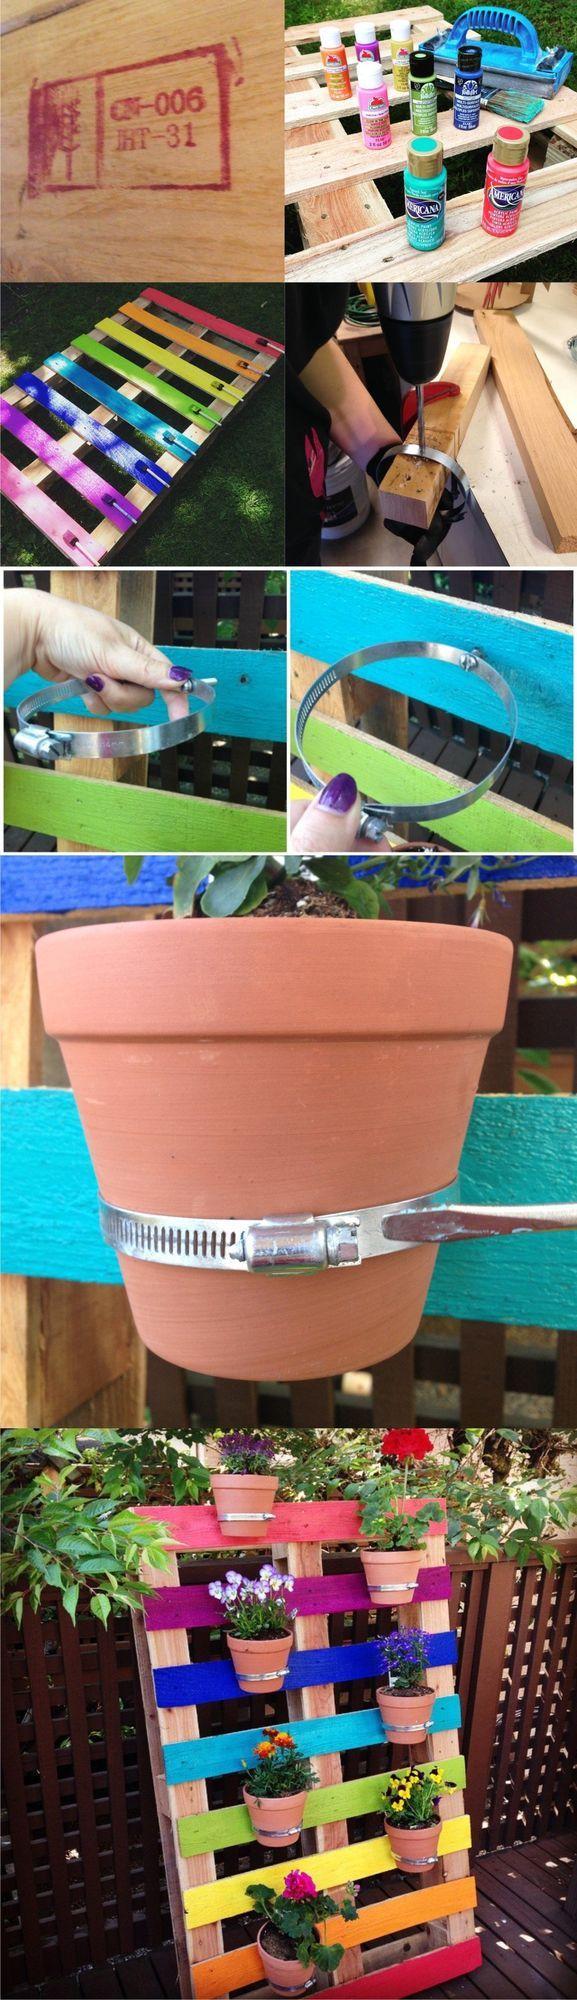 Este fantástico proyecto que hemos visto en hellocreativefamily, lleva a otro nivel el uso de un palé como base y soporte para un pequeño jardín vertical. Han utilizado diferentes colores hasta crear